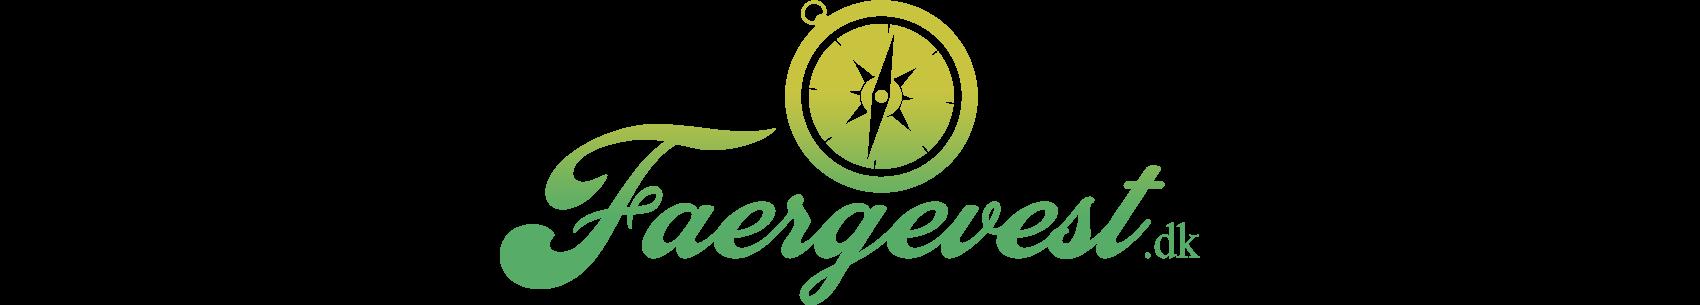 Faergevest.dk